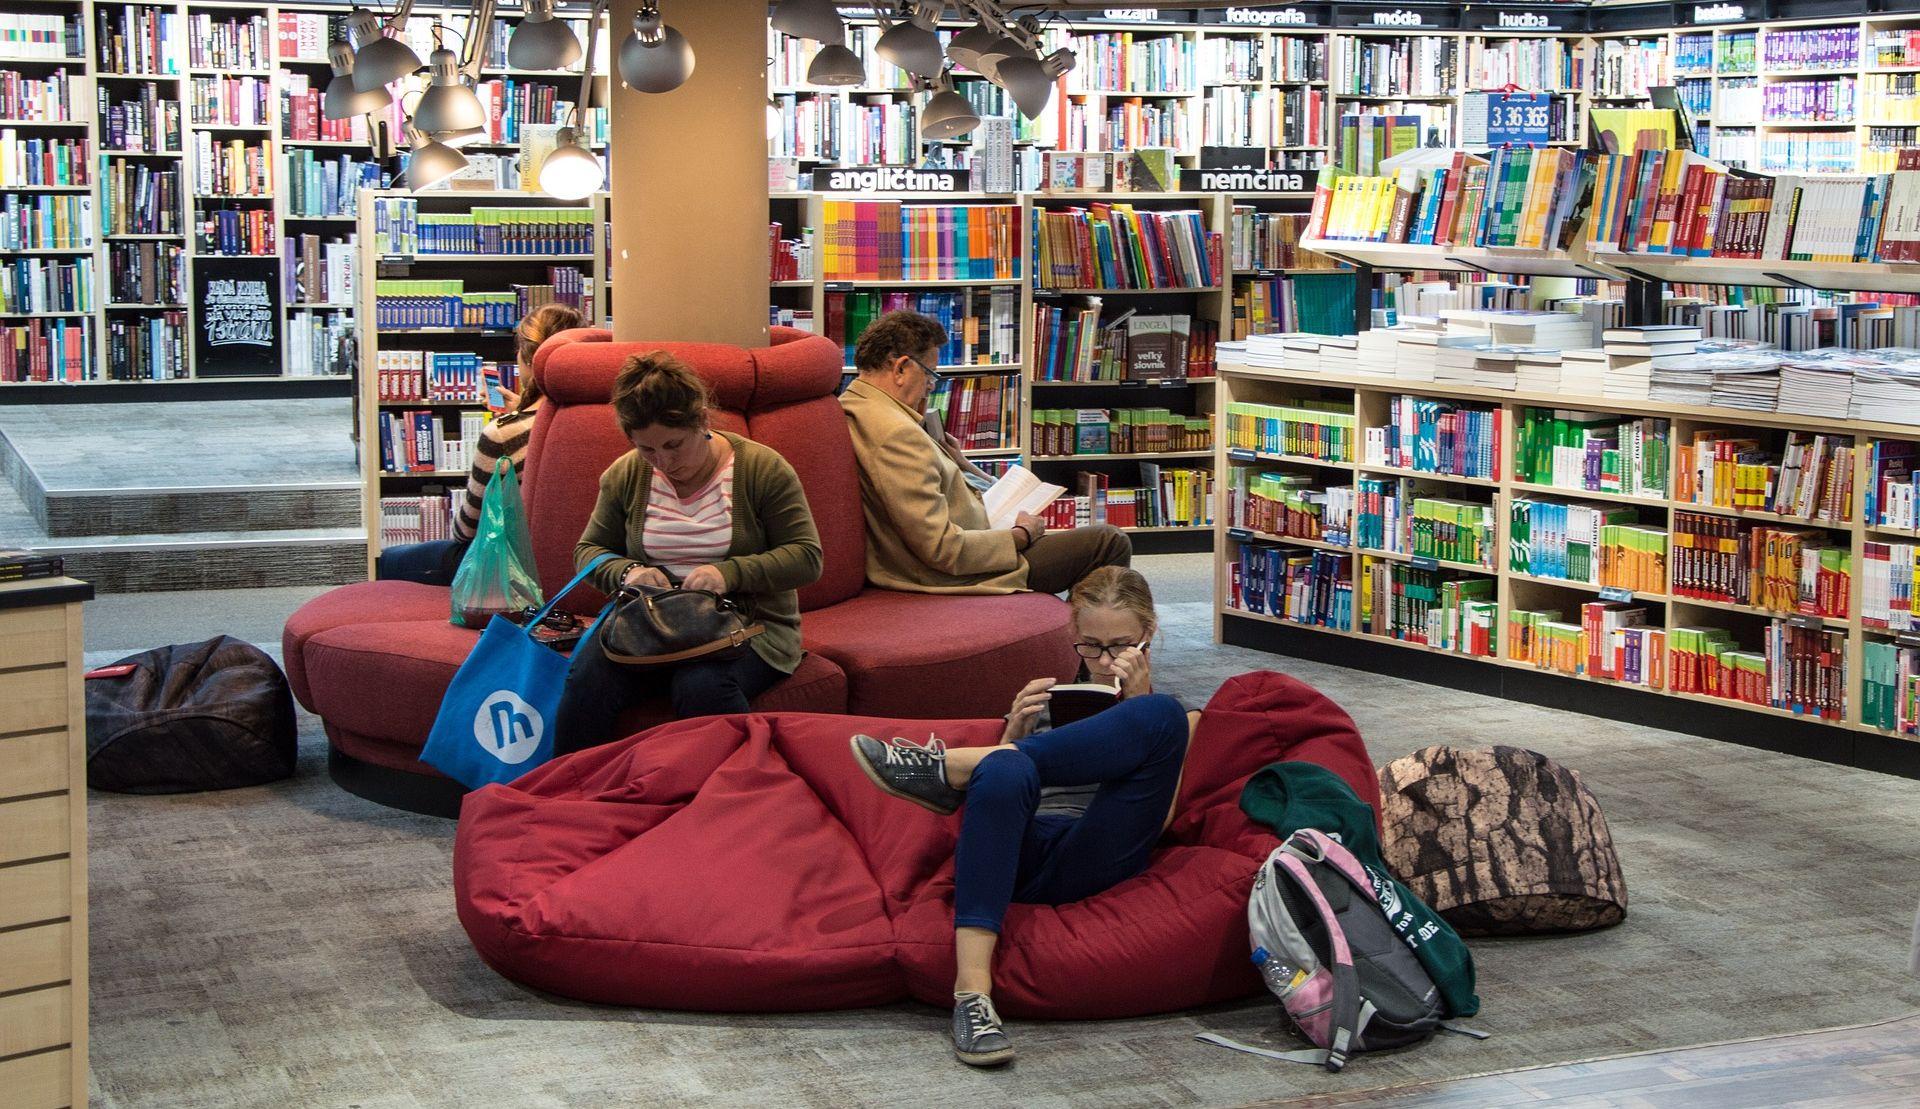 SPAJAT ĆE PREDNOSTI ONLINE I OFFLINE KUPOVINE Amazon u Seattleu otvara knjižaru